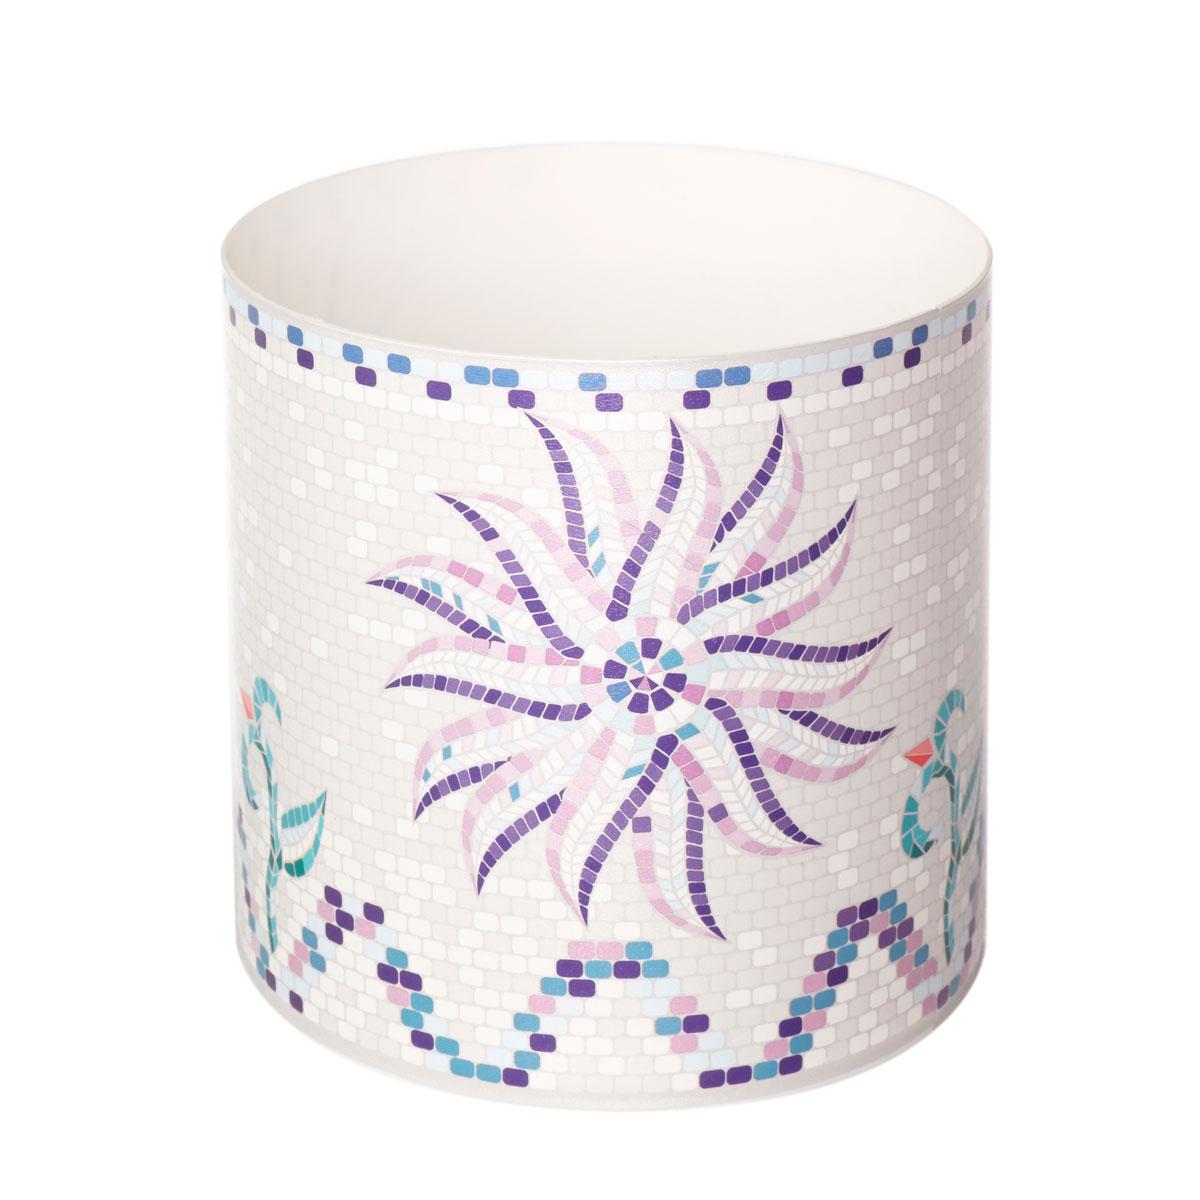 Горшок для цветов Miolla Мозаика белая, со скрытым поддоном, 1,7 лZ-0307Горшок для цветов Miolla Мозаика белая со скрытым поддоном выполнен из пластика и декорирован красочным рисунком.Диаметр горшка: 13,5 см.Высота горшка (с учетом поддона): 13,5 см.Объем горшка: 1,7 л.